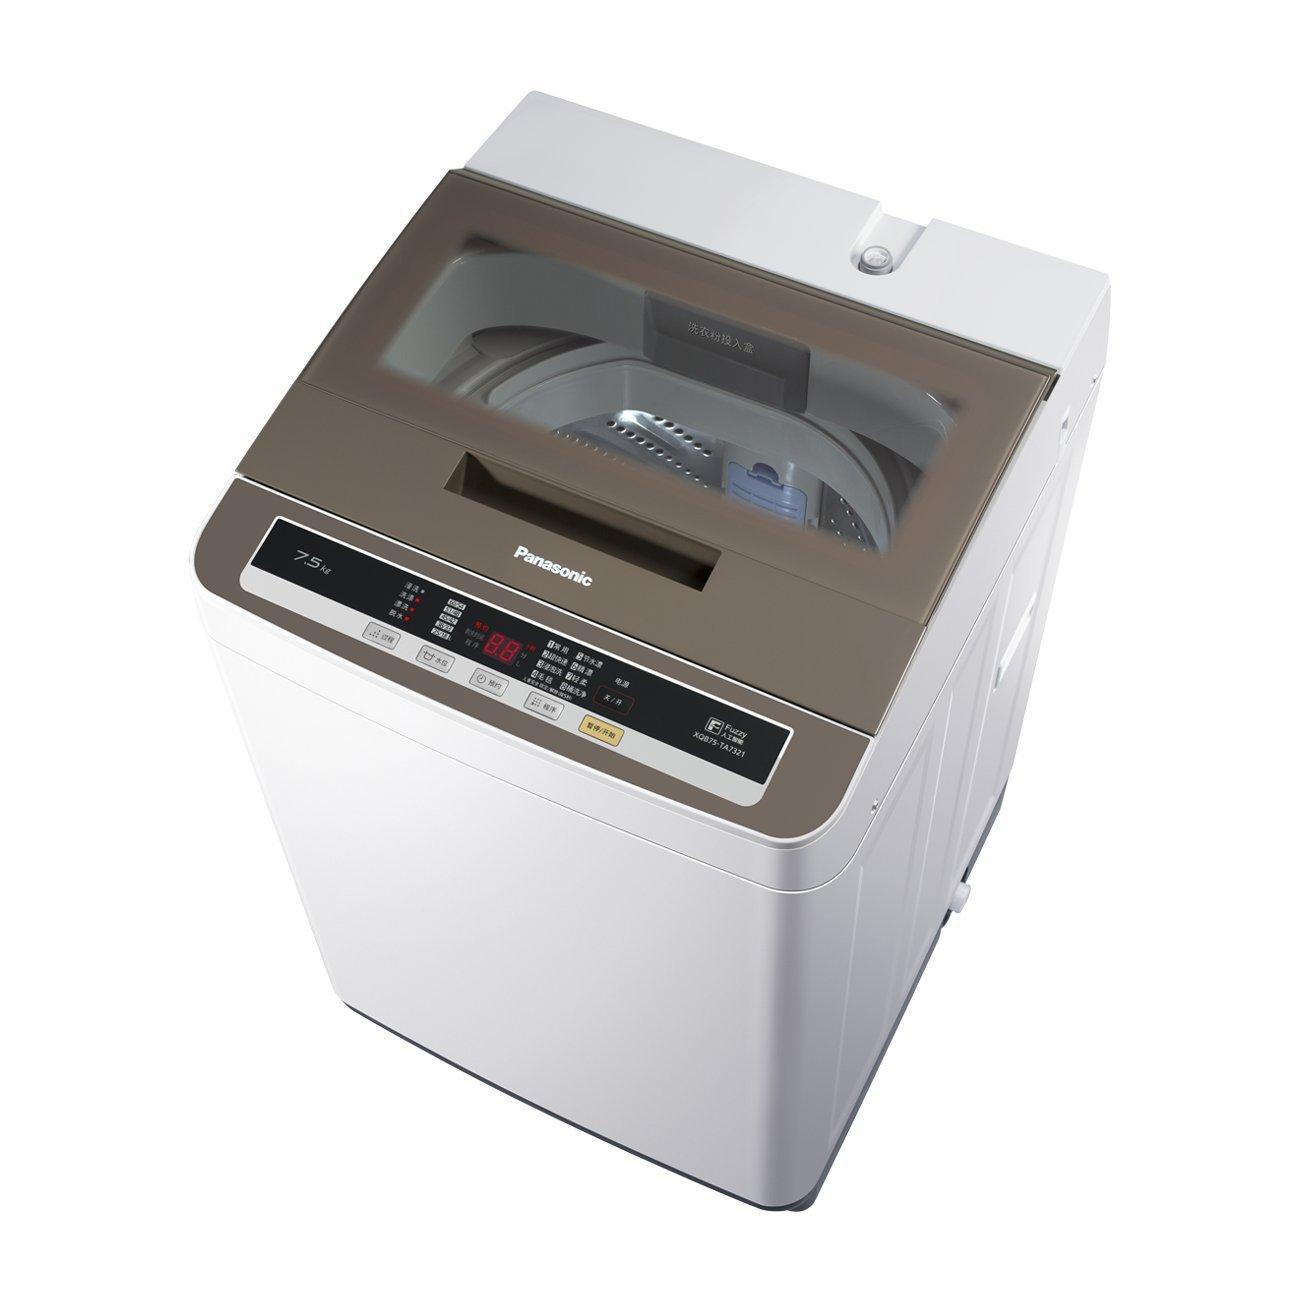 松下 7.5kg全自动波轮洗衣机xqb75-ta7321